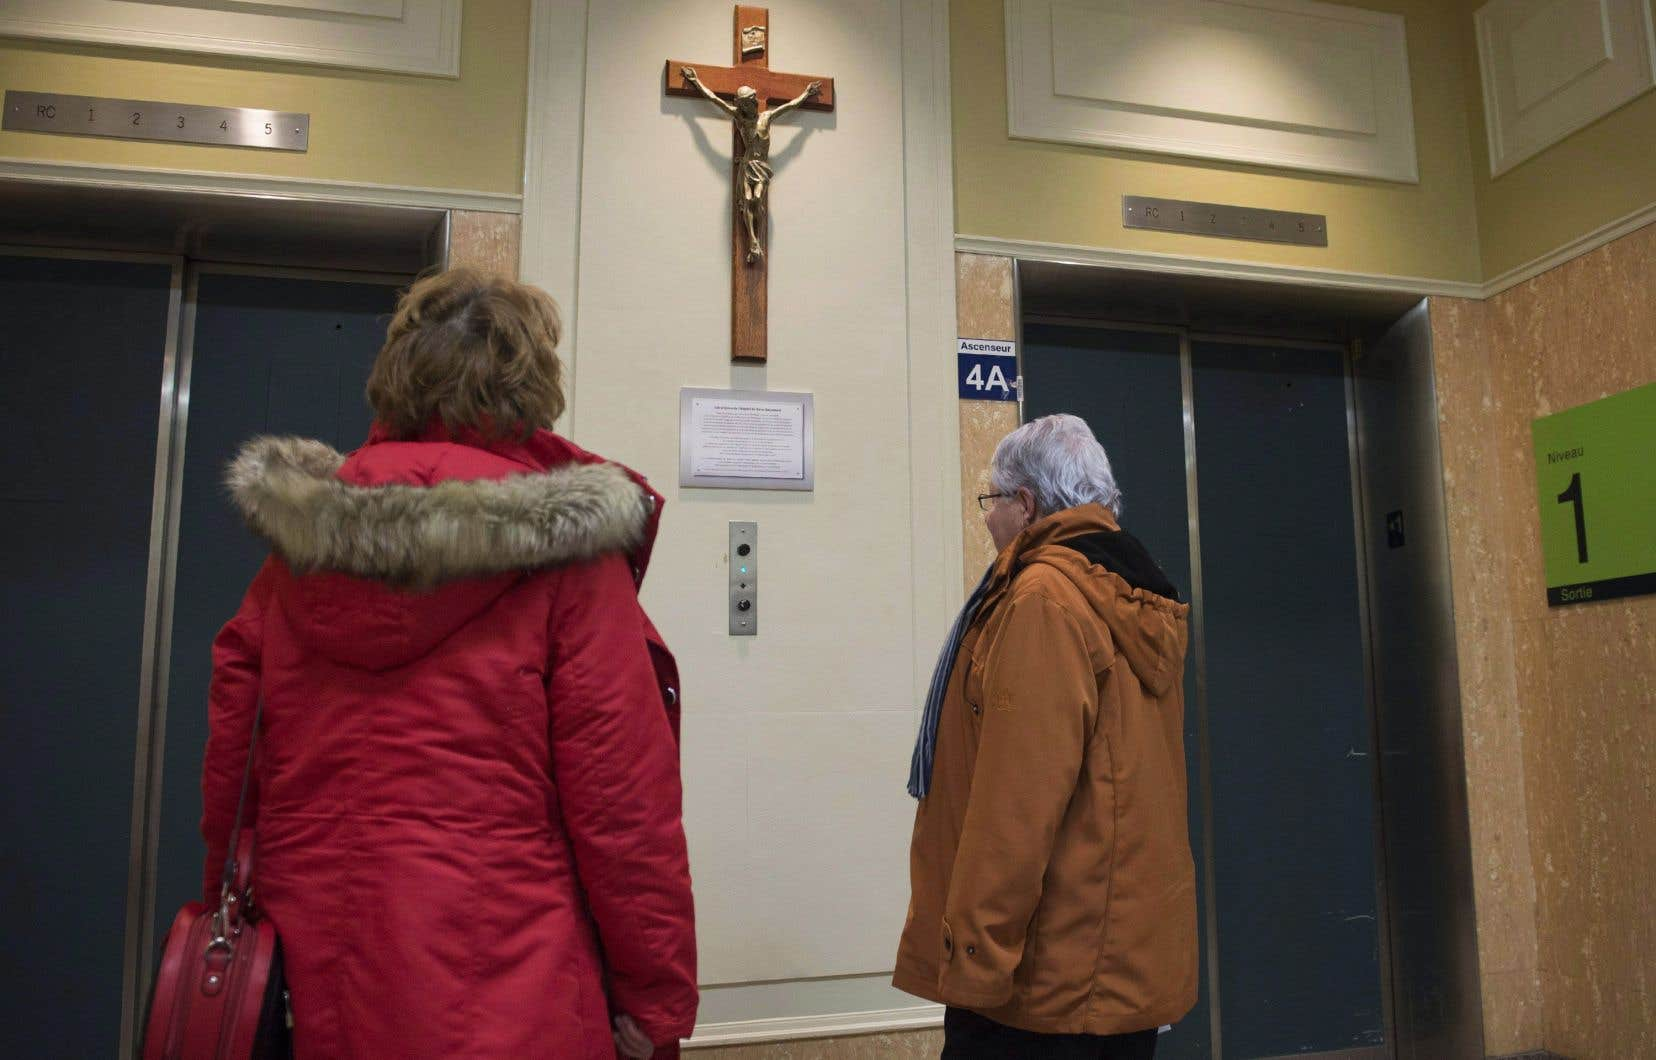 Un crucifix avait été décroché d'un des murs del'hôpital Saint-Sacrement à Québecsuite à une plainte d'un patienten mars 2017. Après un grand nombre de protestations, l'administration de l'hôpital l'avait réinstallé.